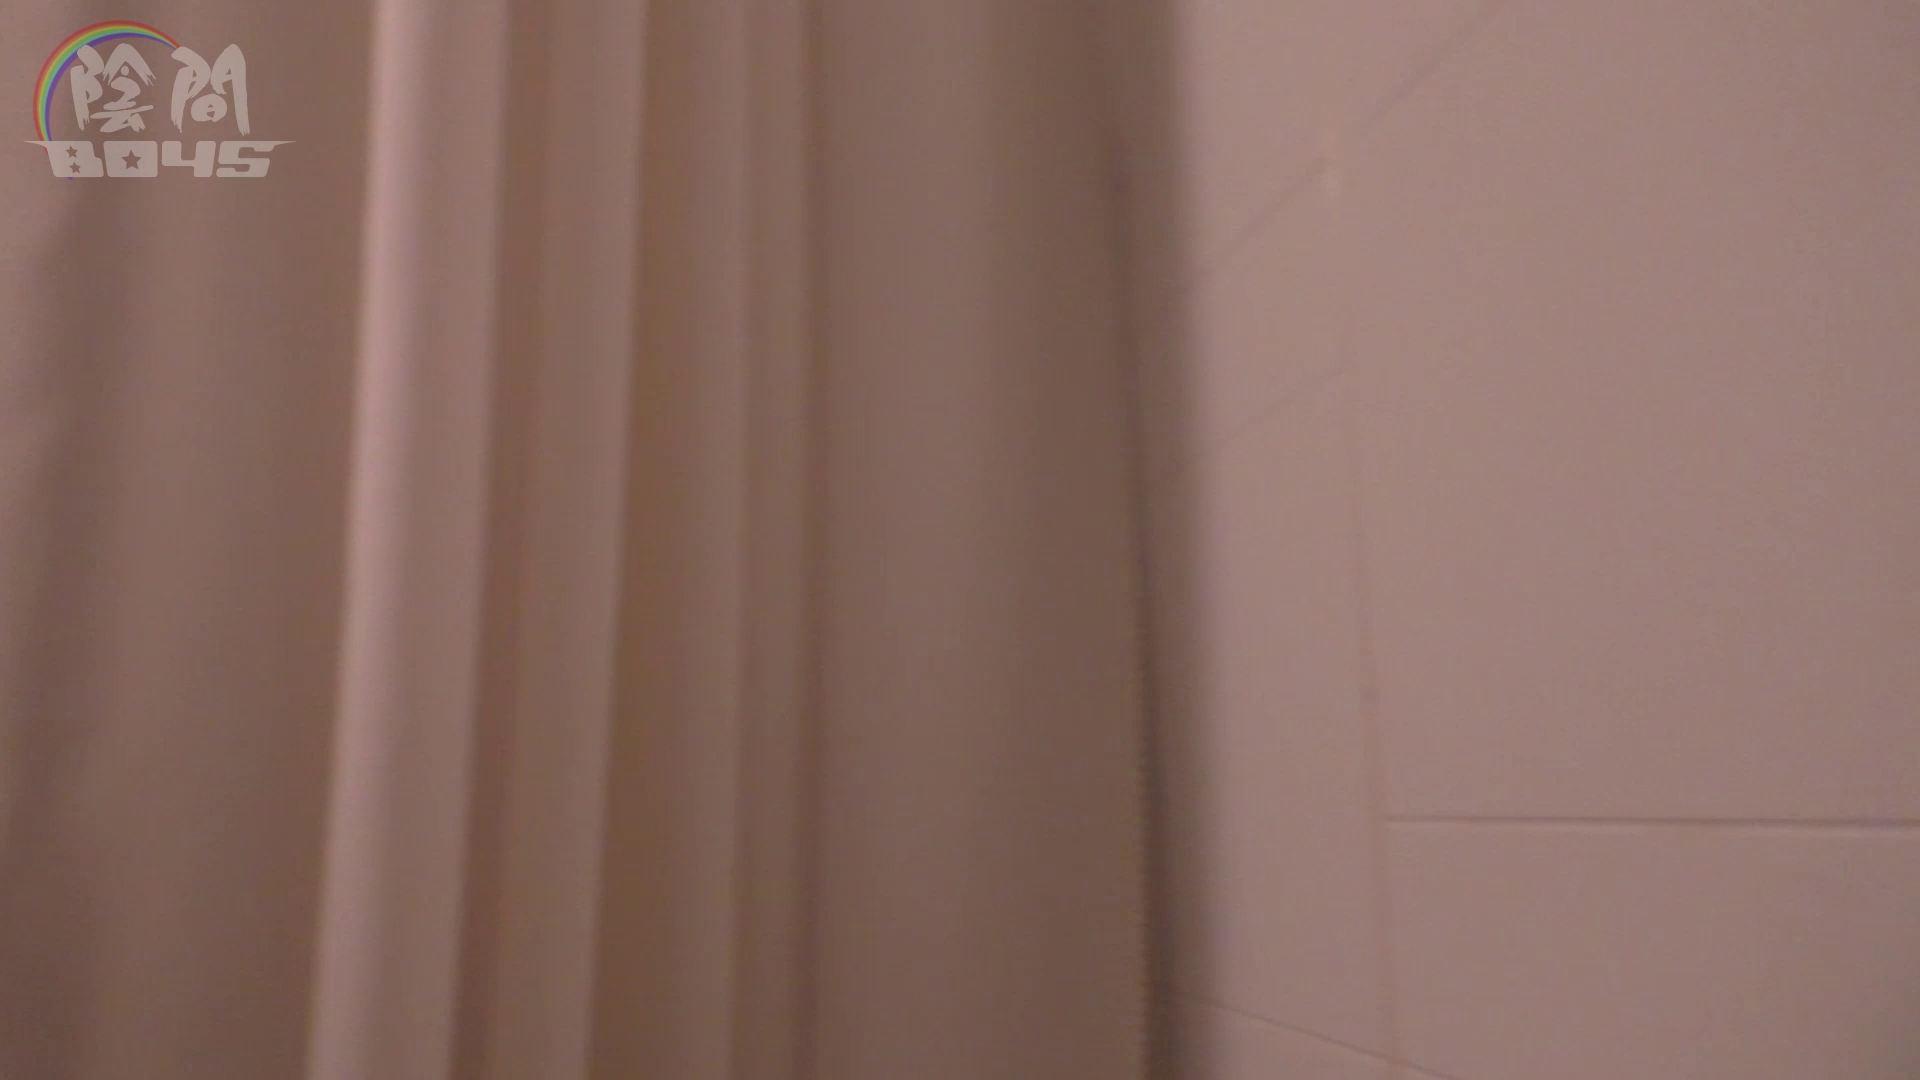 デカチン探偵・かしこまり!Part1File.03 ハメ撮りまつり | 三ツ星動画 ゲイエロビデオ画像 8連発 5